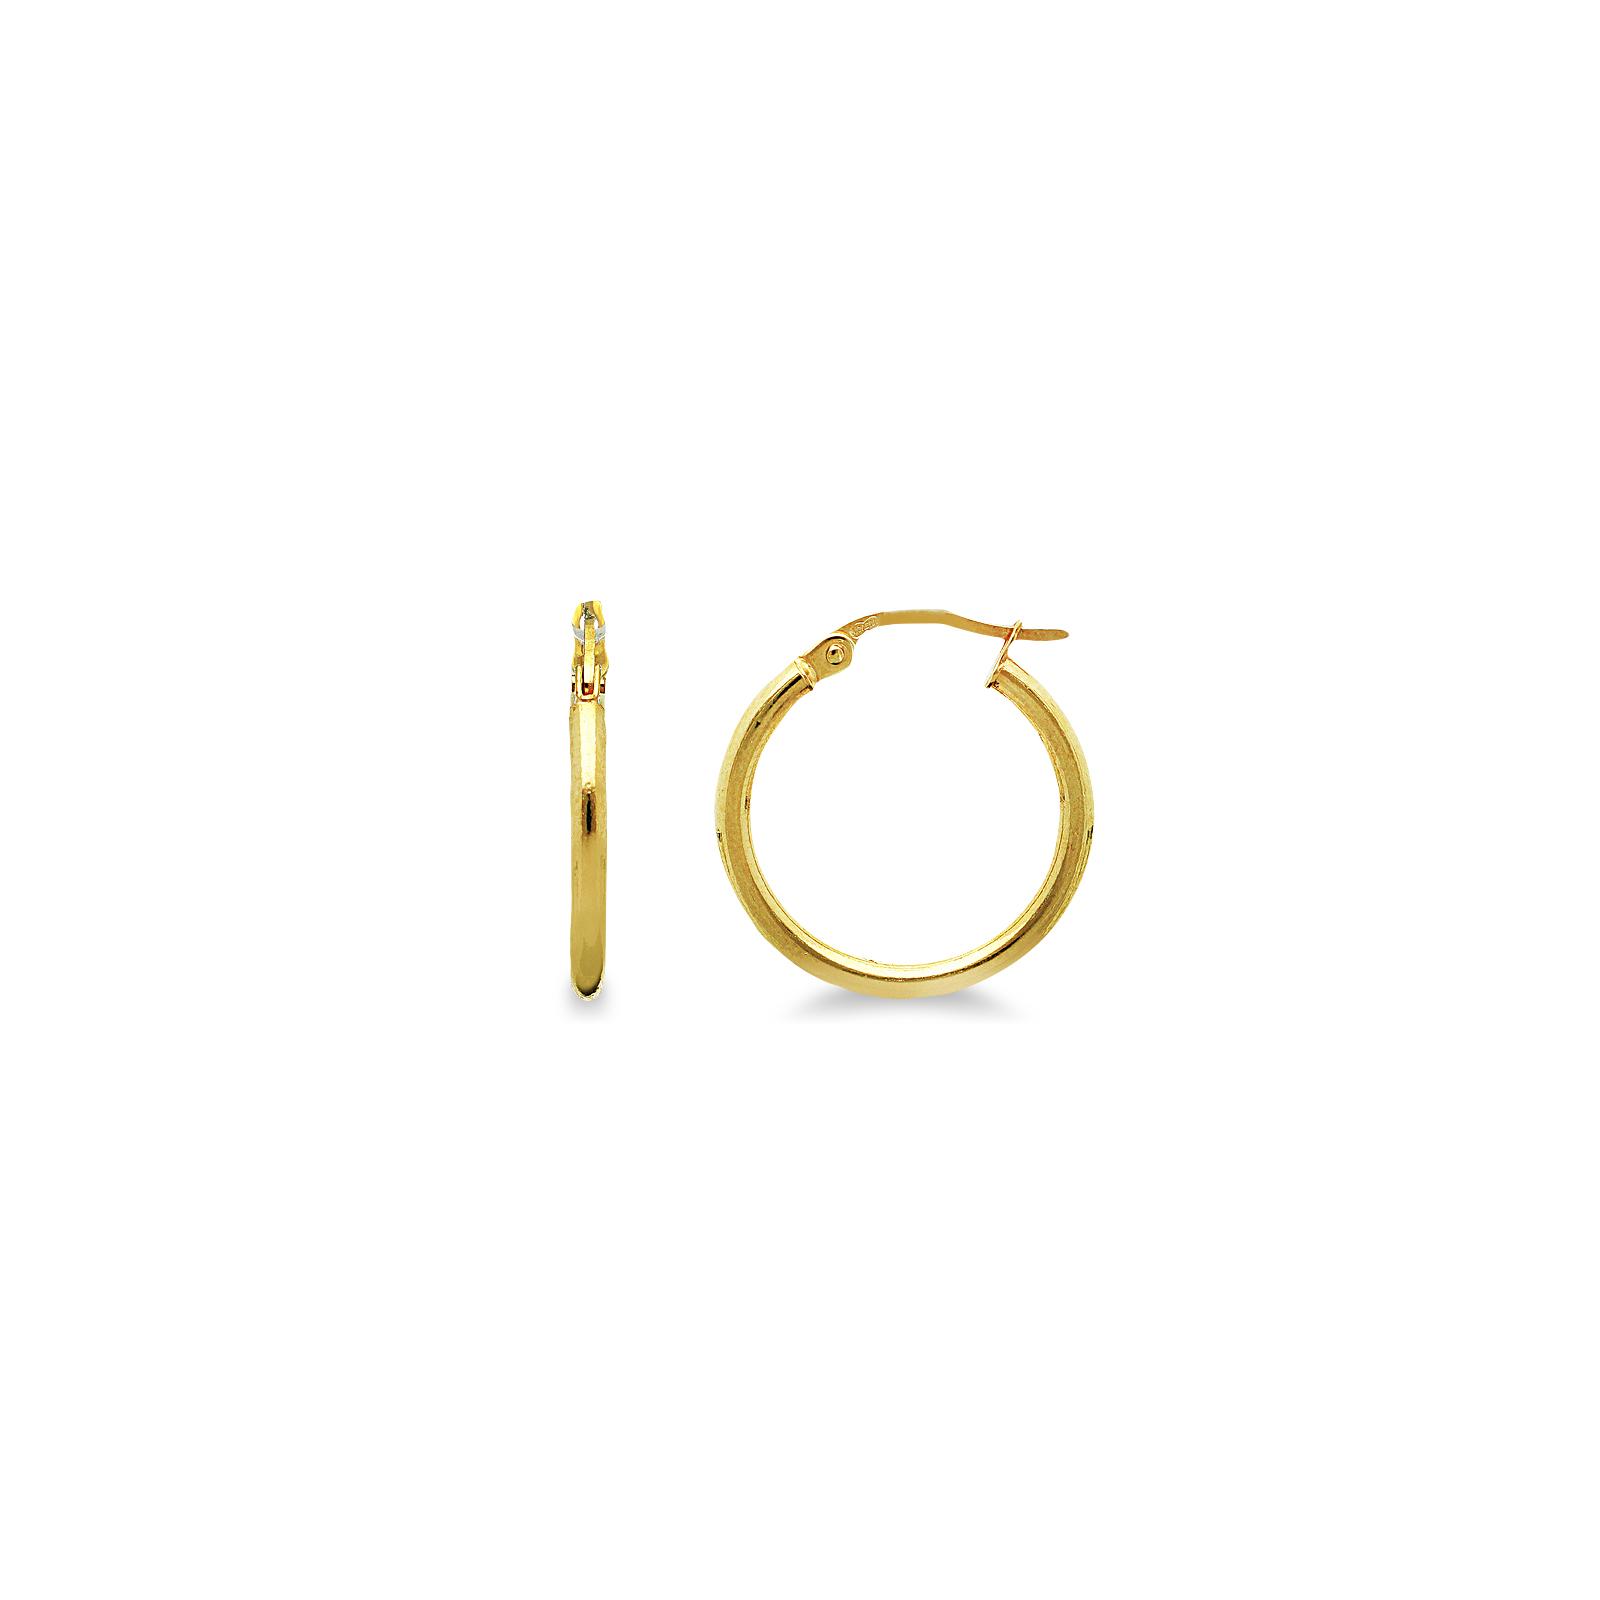 Orecchini in oro giallo 18k a cerchio.